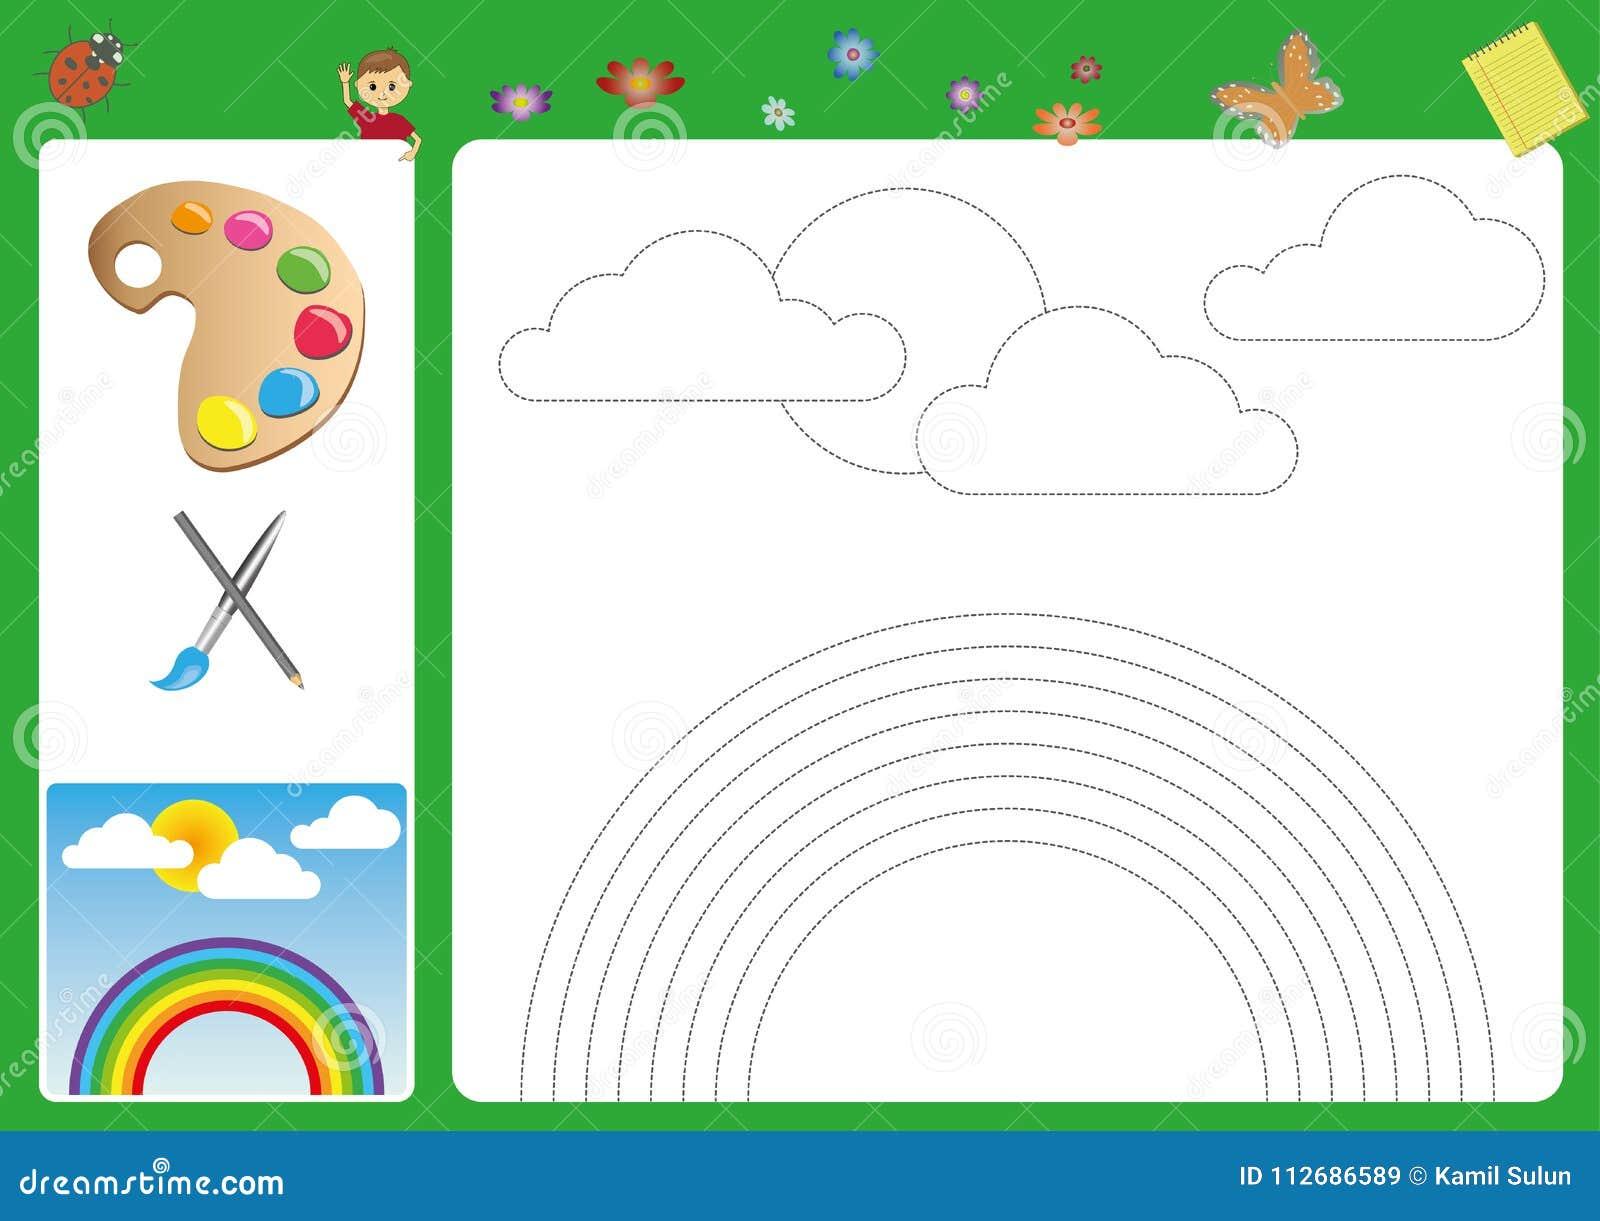 Folgen Sie Den Linien Mit Ihrem Bleistift Und Farbe, Die ...